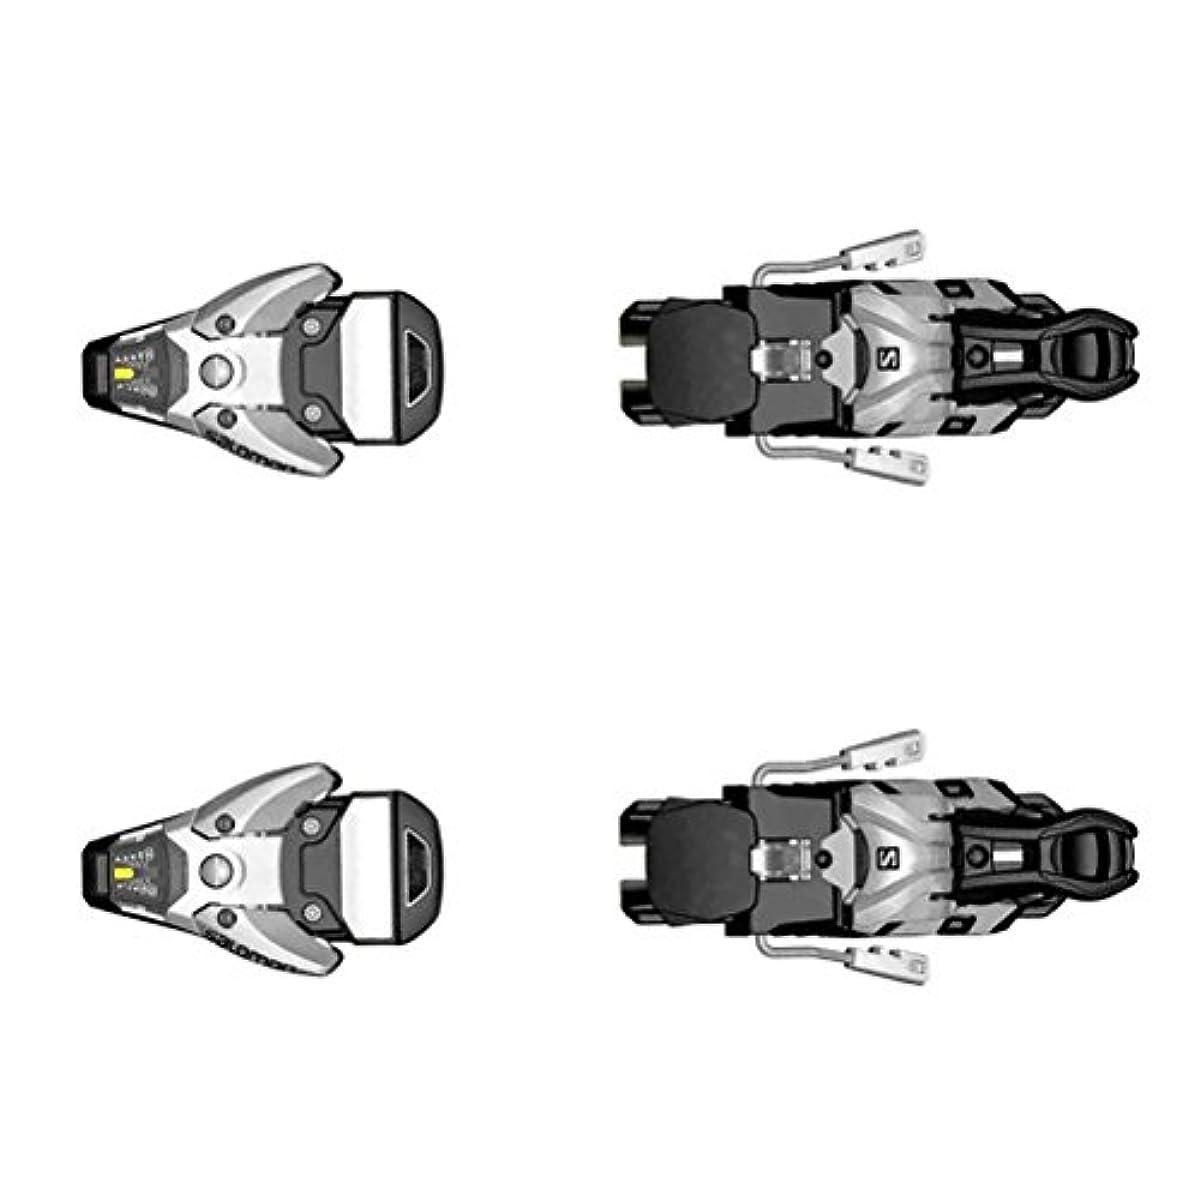 [해외] SALOMON살로몬【L35368500】스키 빈딩 단품 어른용 프리 프리 라이드 STH2 WTR13SIL×BLK C100